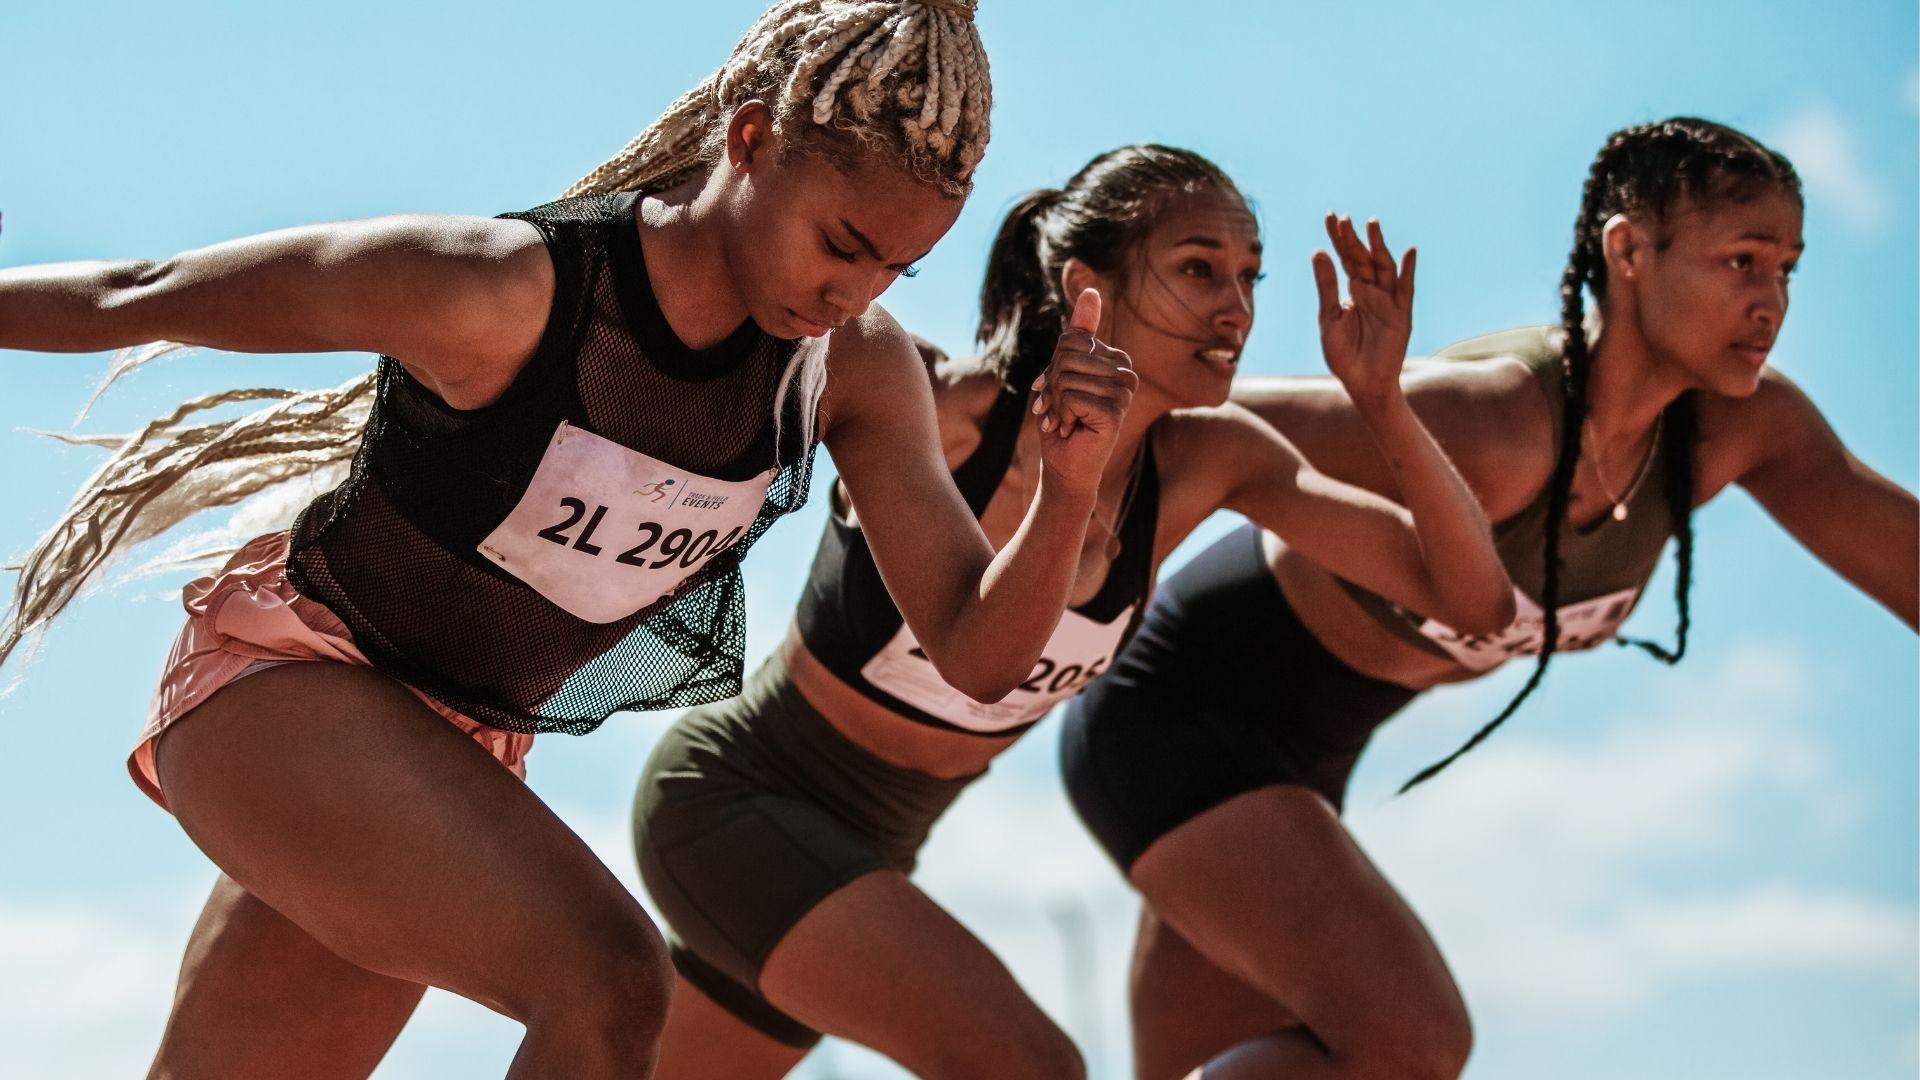 Atletismo é um dos esportes olímpicos tradicionais (Shutterstock)